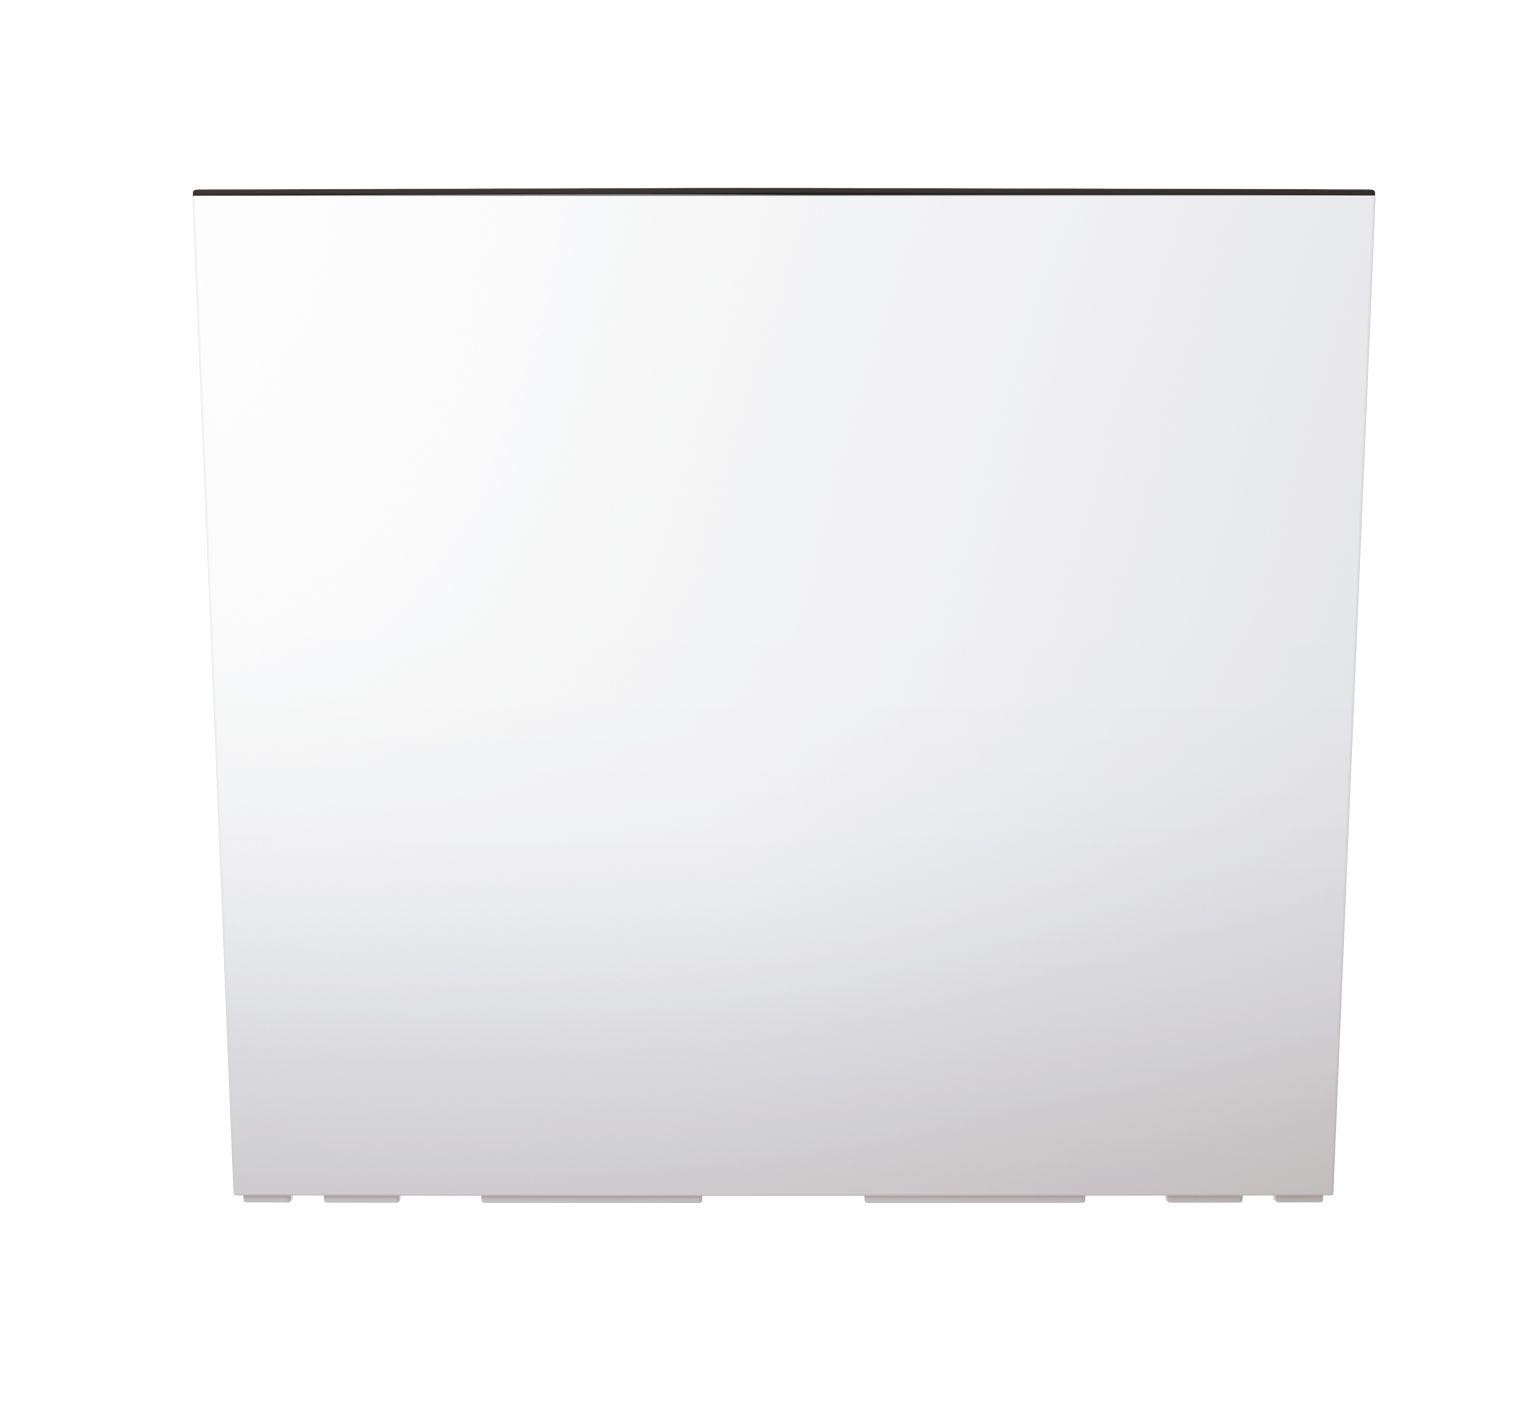 PROSPERPLAST Truhlík vysoký URBI CASE s vkladem bílý 58cm